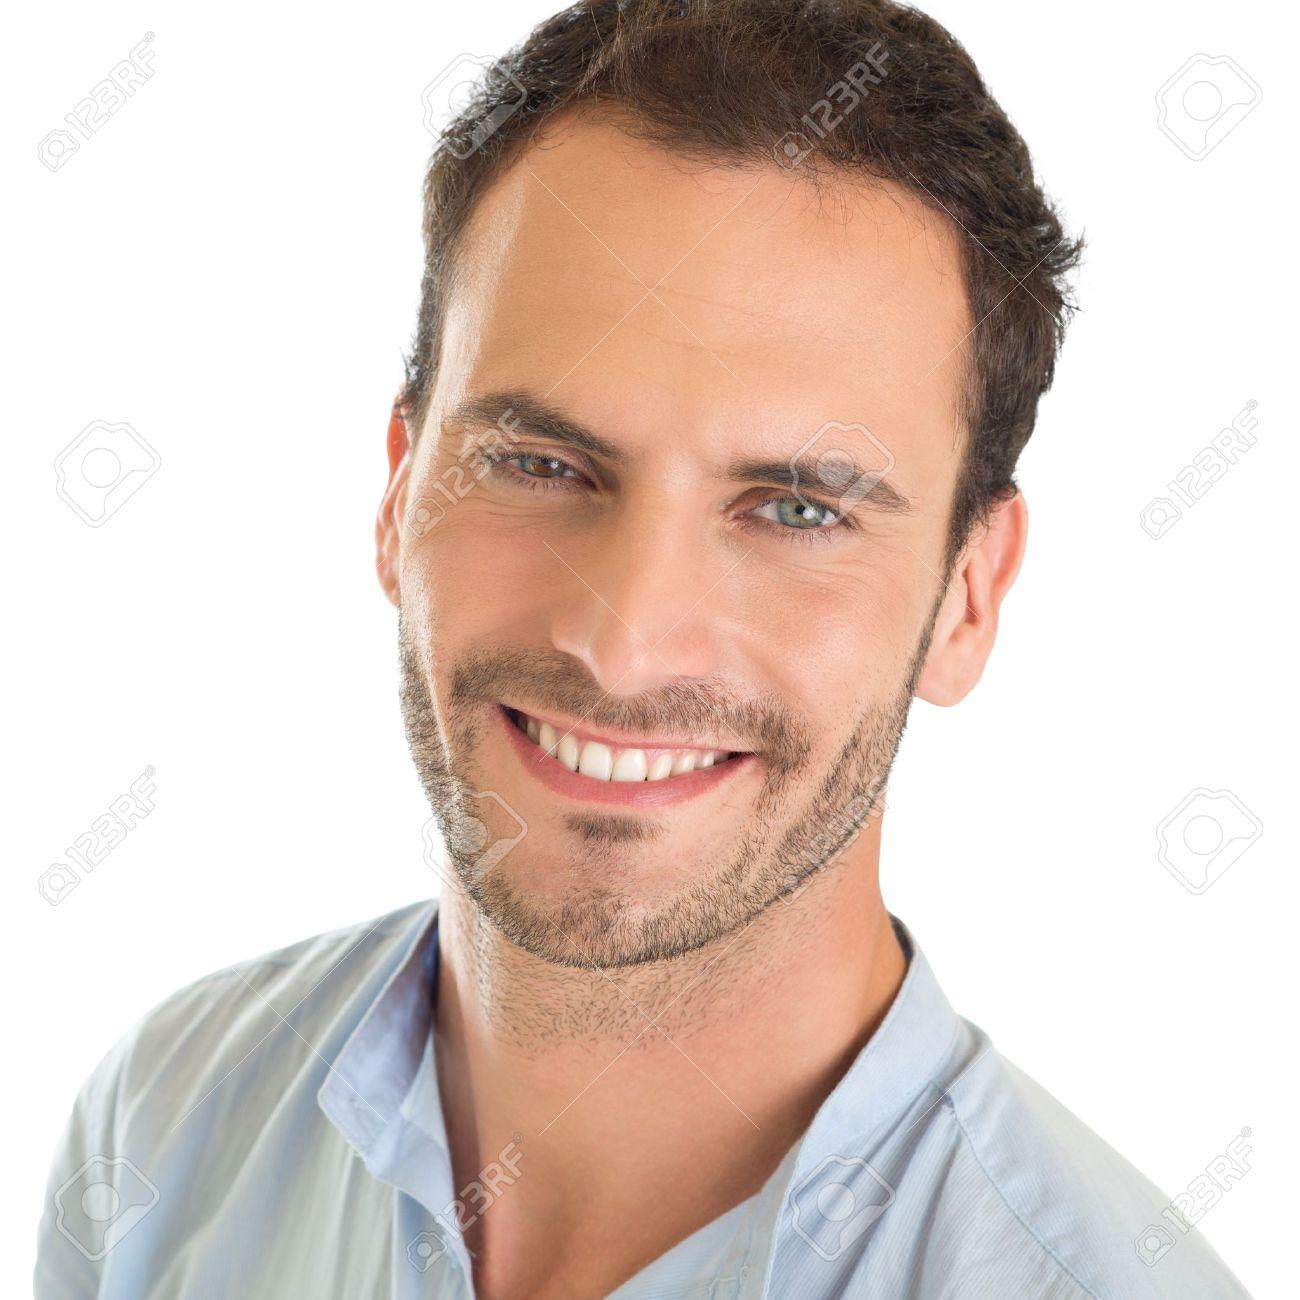 Homme Souriant closeup portrait d'un jeune homme souriant isolé sur fond blanc